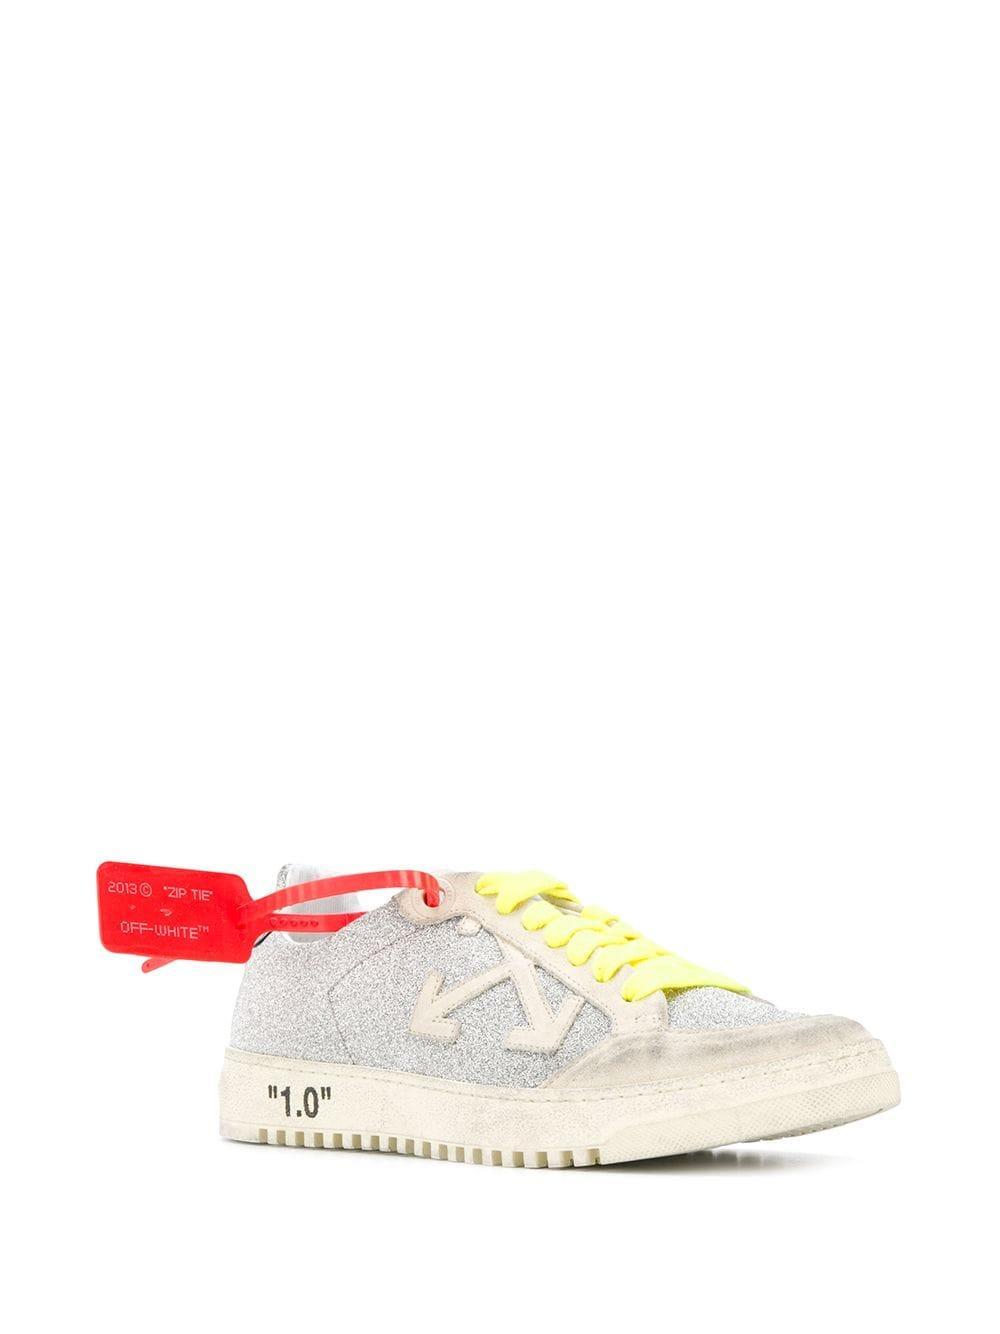 Zapatillas Arrow 2.0 Off-White c/o Virgil Abloh de Cuero de color Metálico: ahorra un 25 %